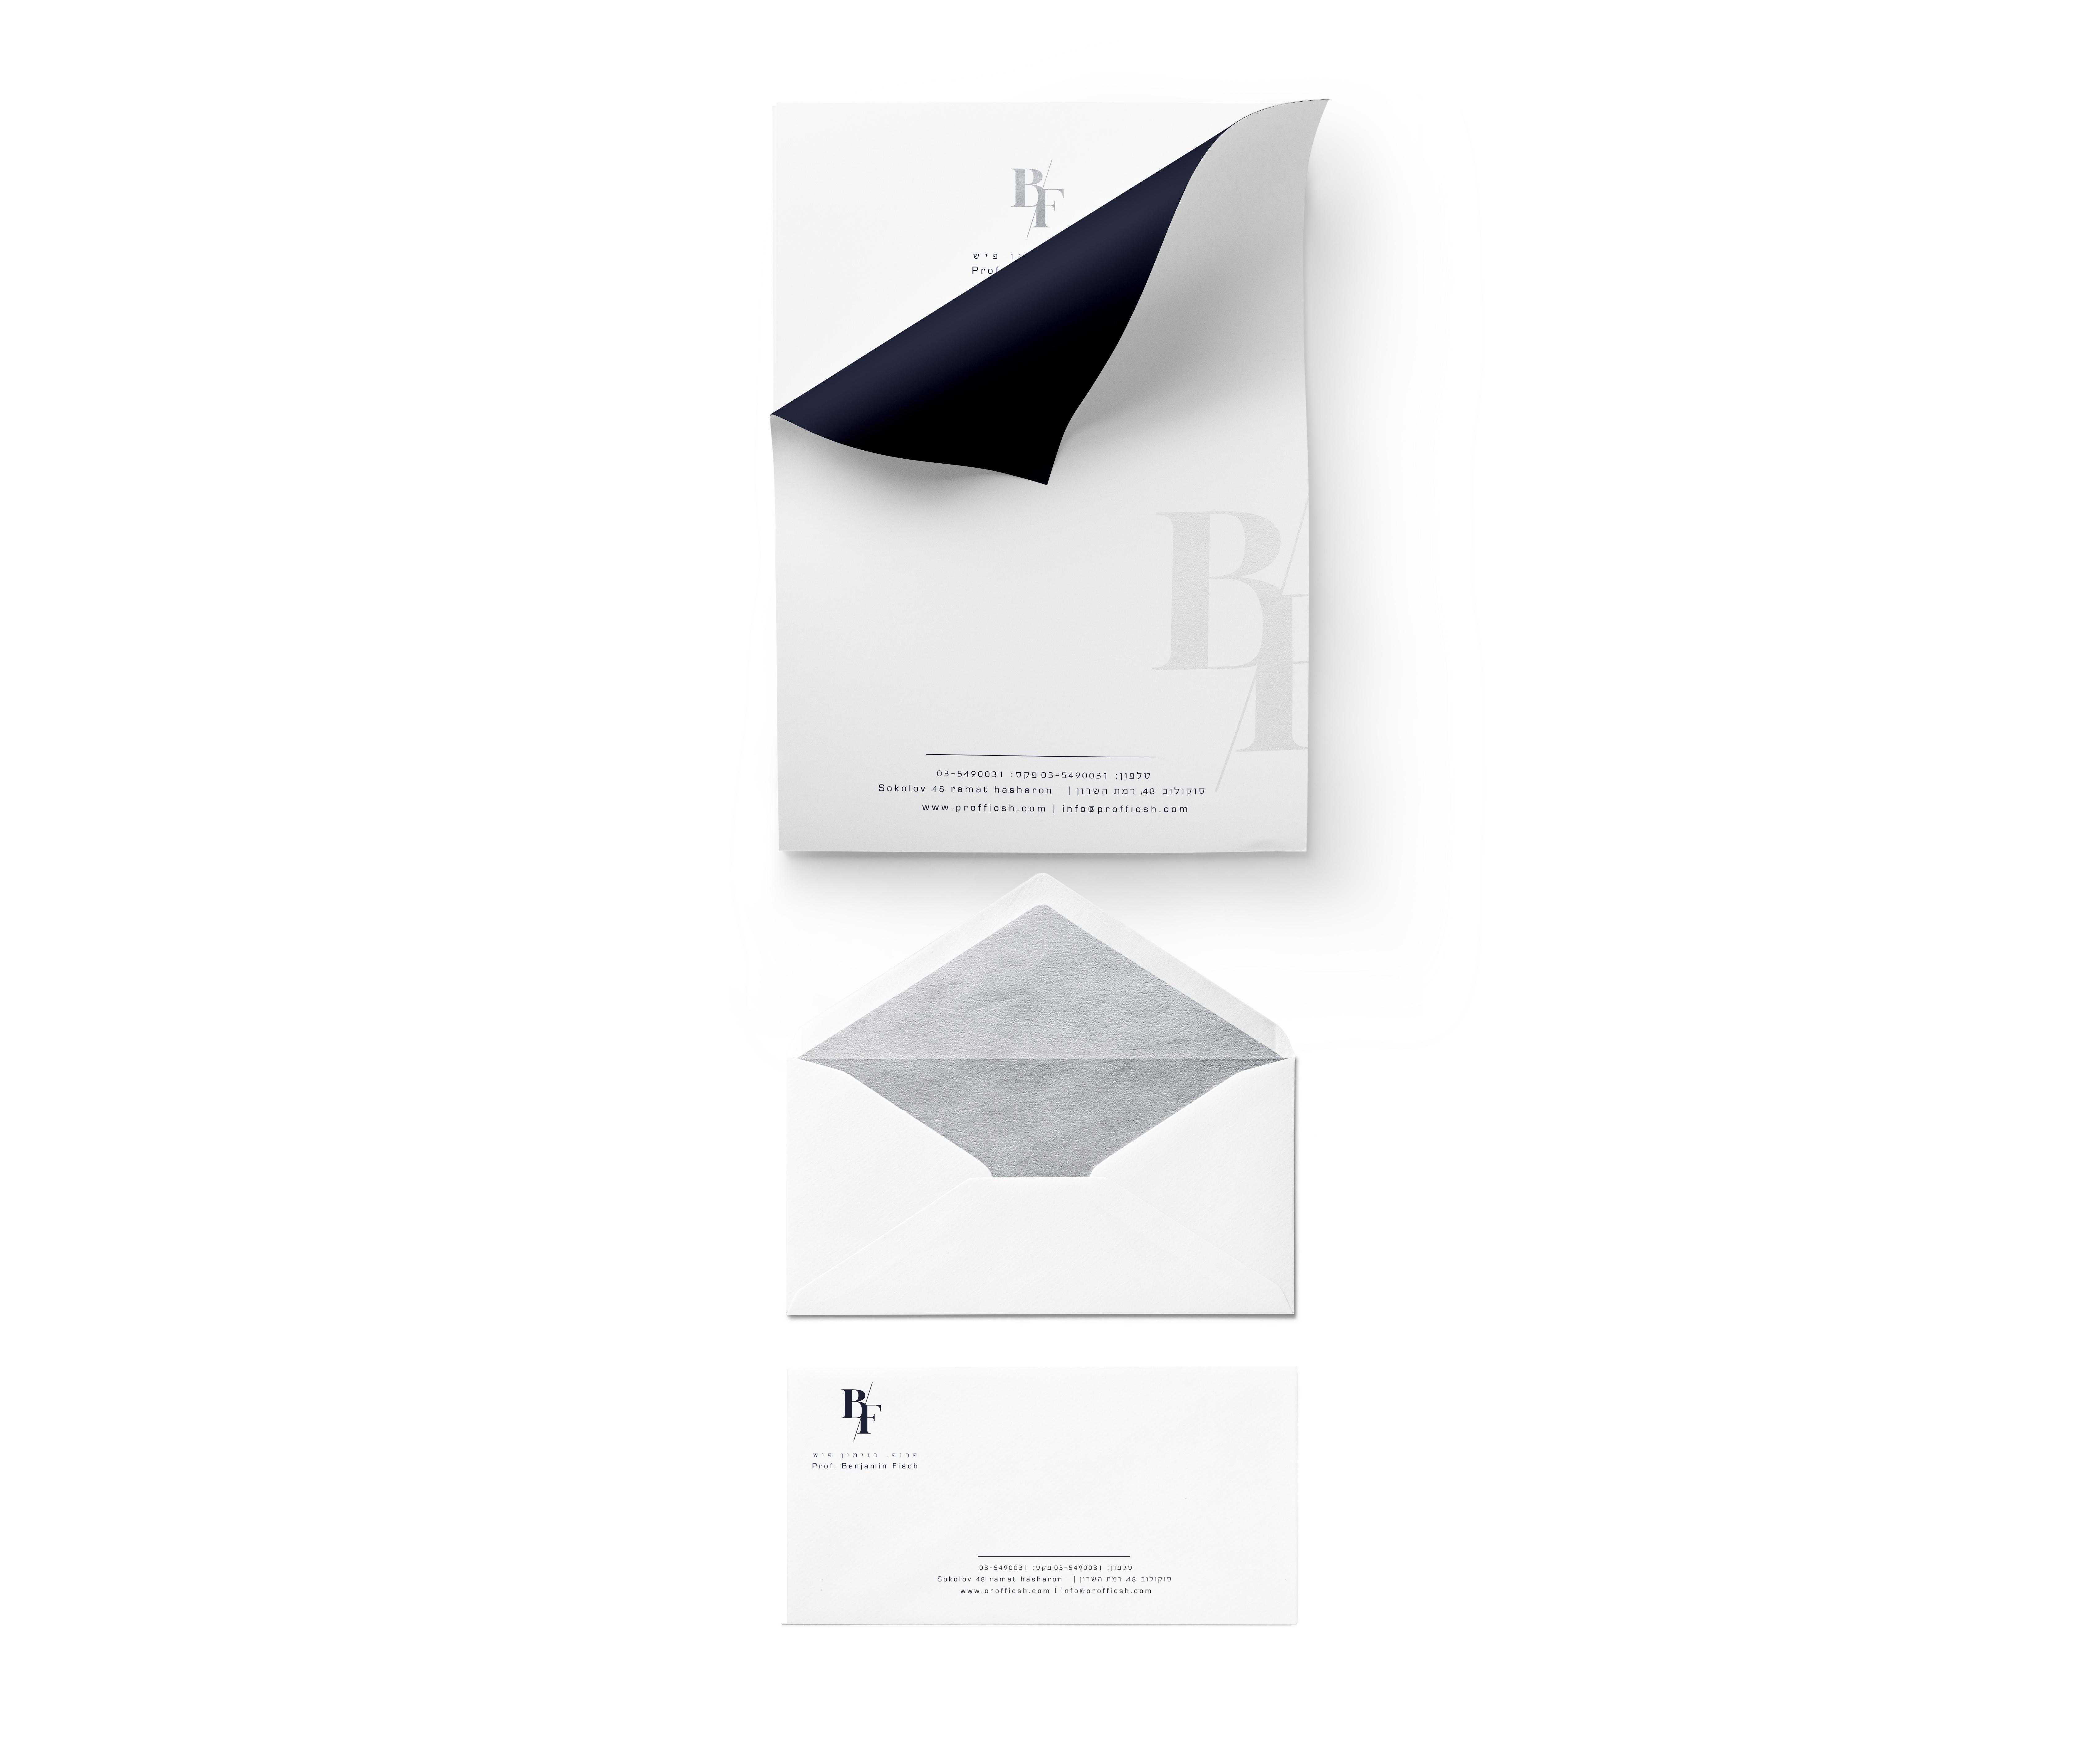 הדמיה עיצוב ניירת מכתבים ומעטפות,  פ